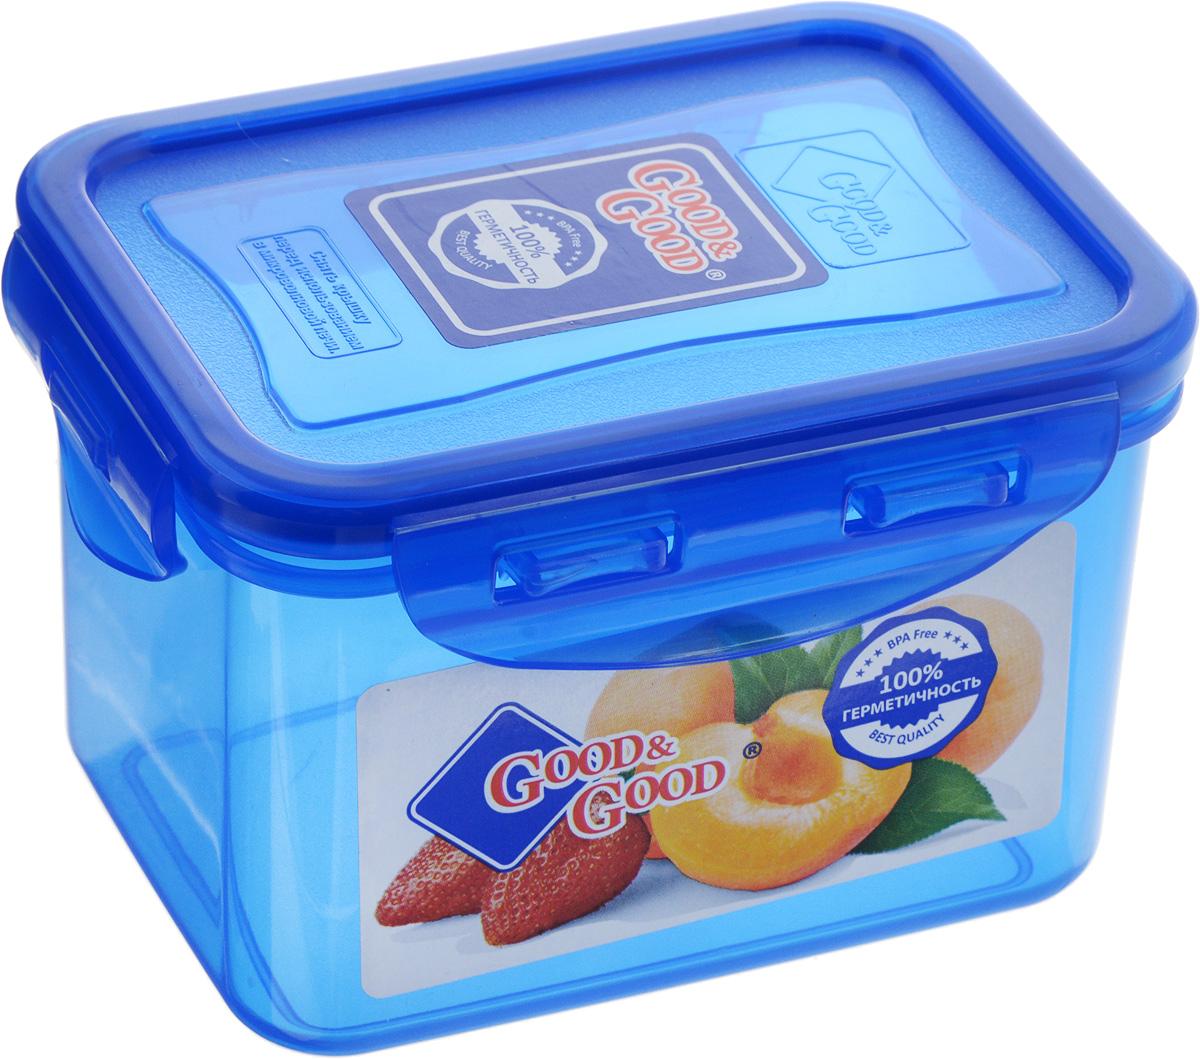 Контейнер пищевой Good&Good, цвет: синий, 630 млVT-1520(SR)Прямоугольный контейнер Good&Good изготовлен из высококачественного полипропилена и предназначен для хранения любых пищевых продуктов. Благодаря особым технологиям изготовления, лотки в течение времени службы не меняют цвет и не пропитываются запахами. Крышка с силиконовой вставкой герметично защелкивается специальным механизмом. Контейнер Good&Good удобен для ежедневного использования в быту.Можно мыть в посудомоечной машине и использовать в микроволновой печи.Размер контейнера (с учетом крышки): 13 х 10 х 8,5 см.